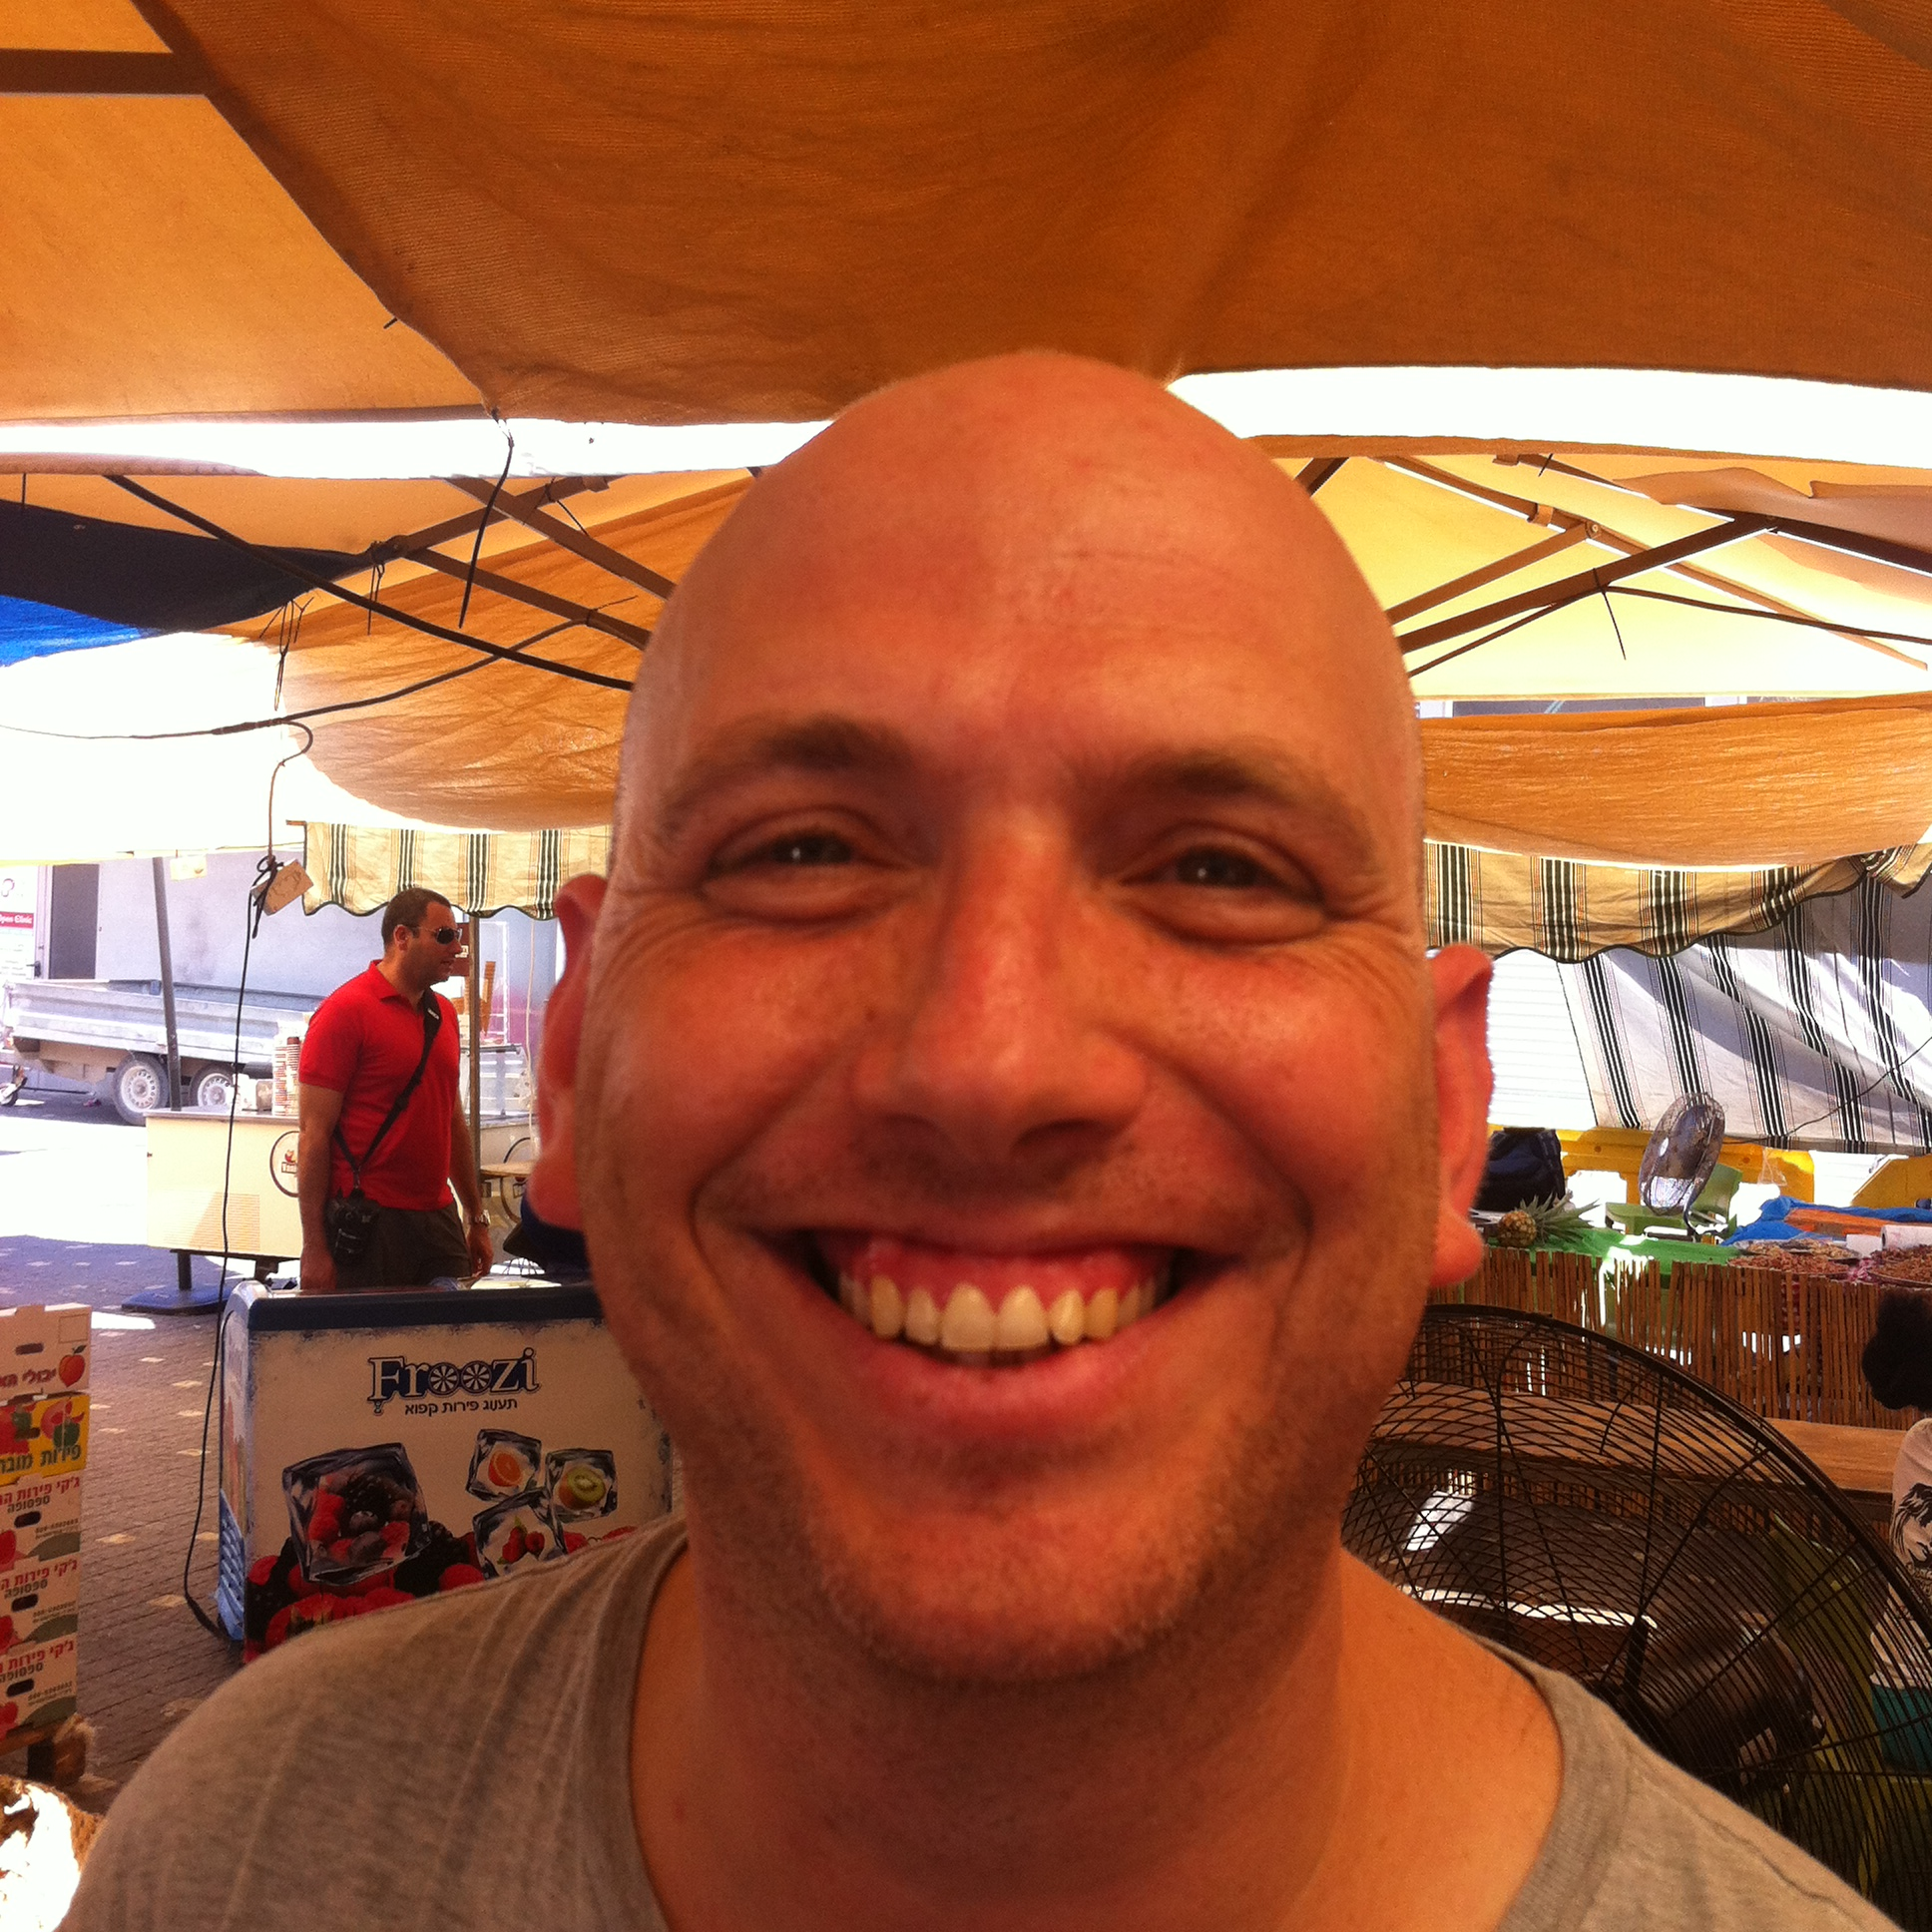 יובל הוא בחור קירח ומאושר בשוק האיכרים בתל אביב